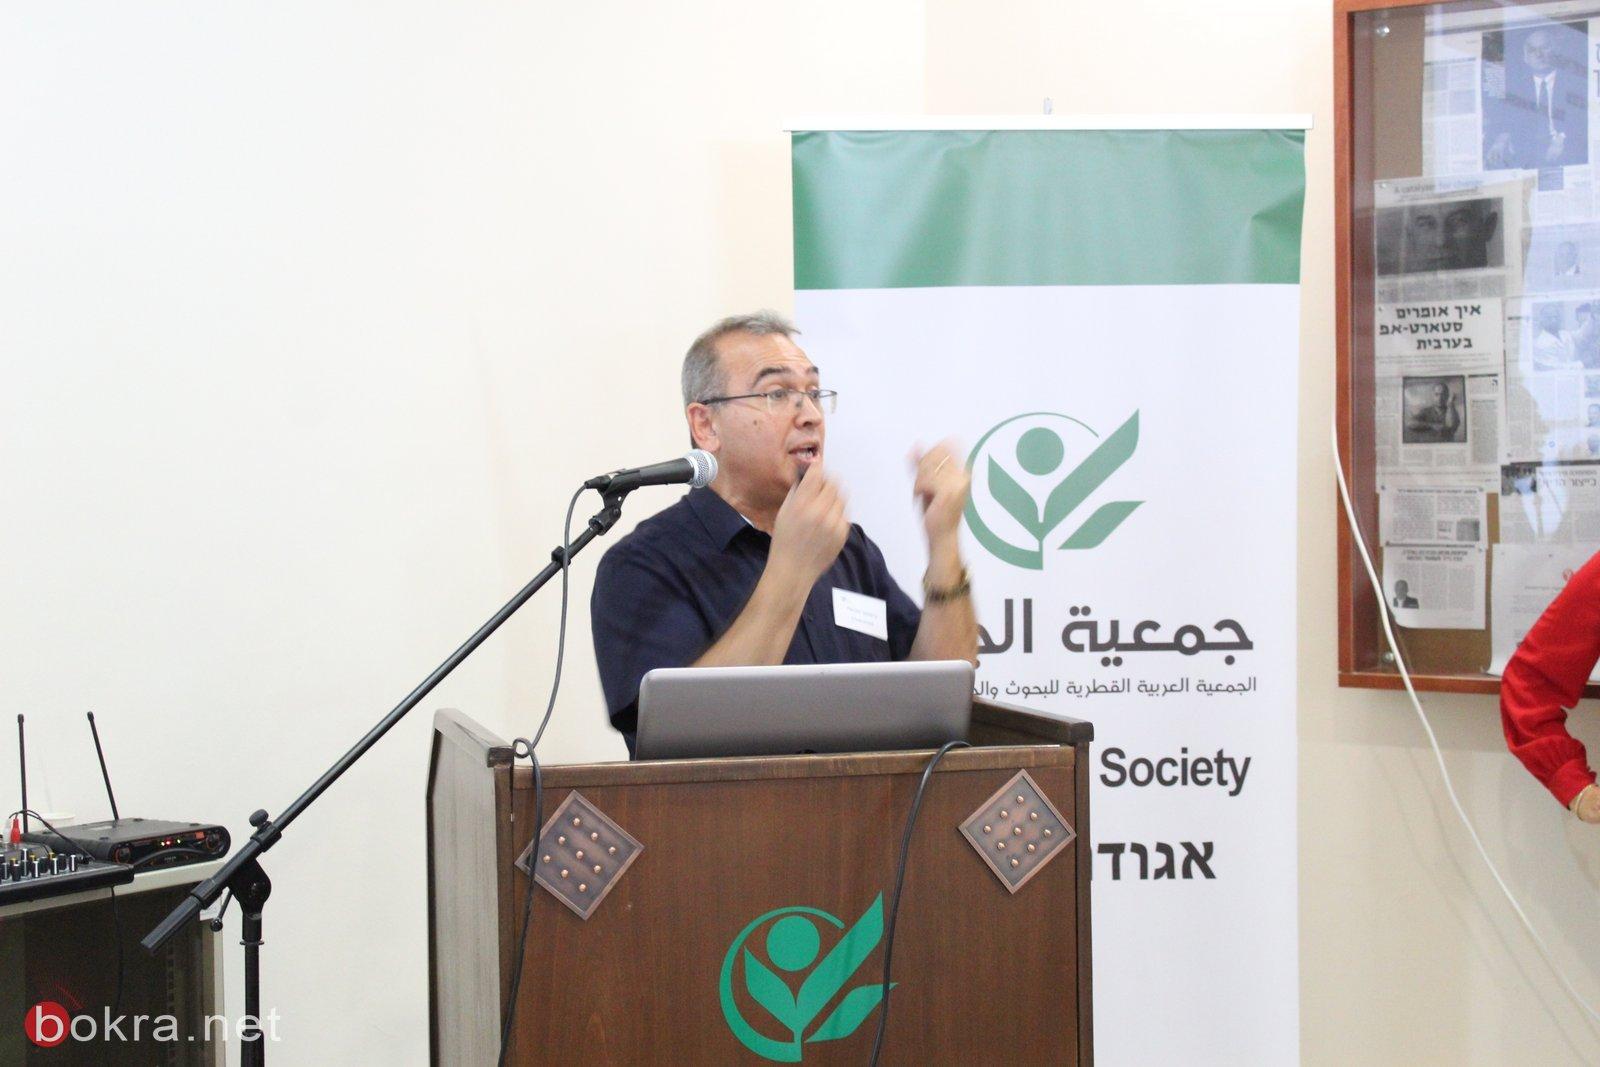 جمعية الجليل تطلق مؤتمرها العلمي السنوي للعام 2019 -2